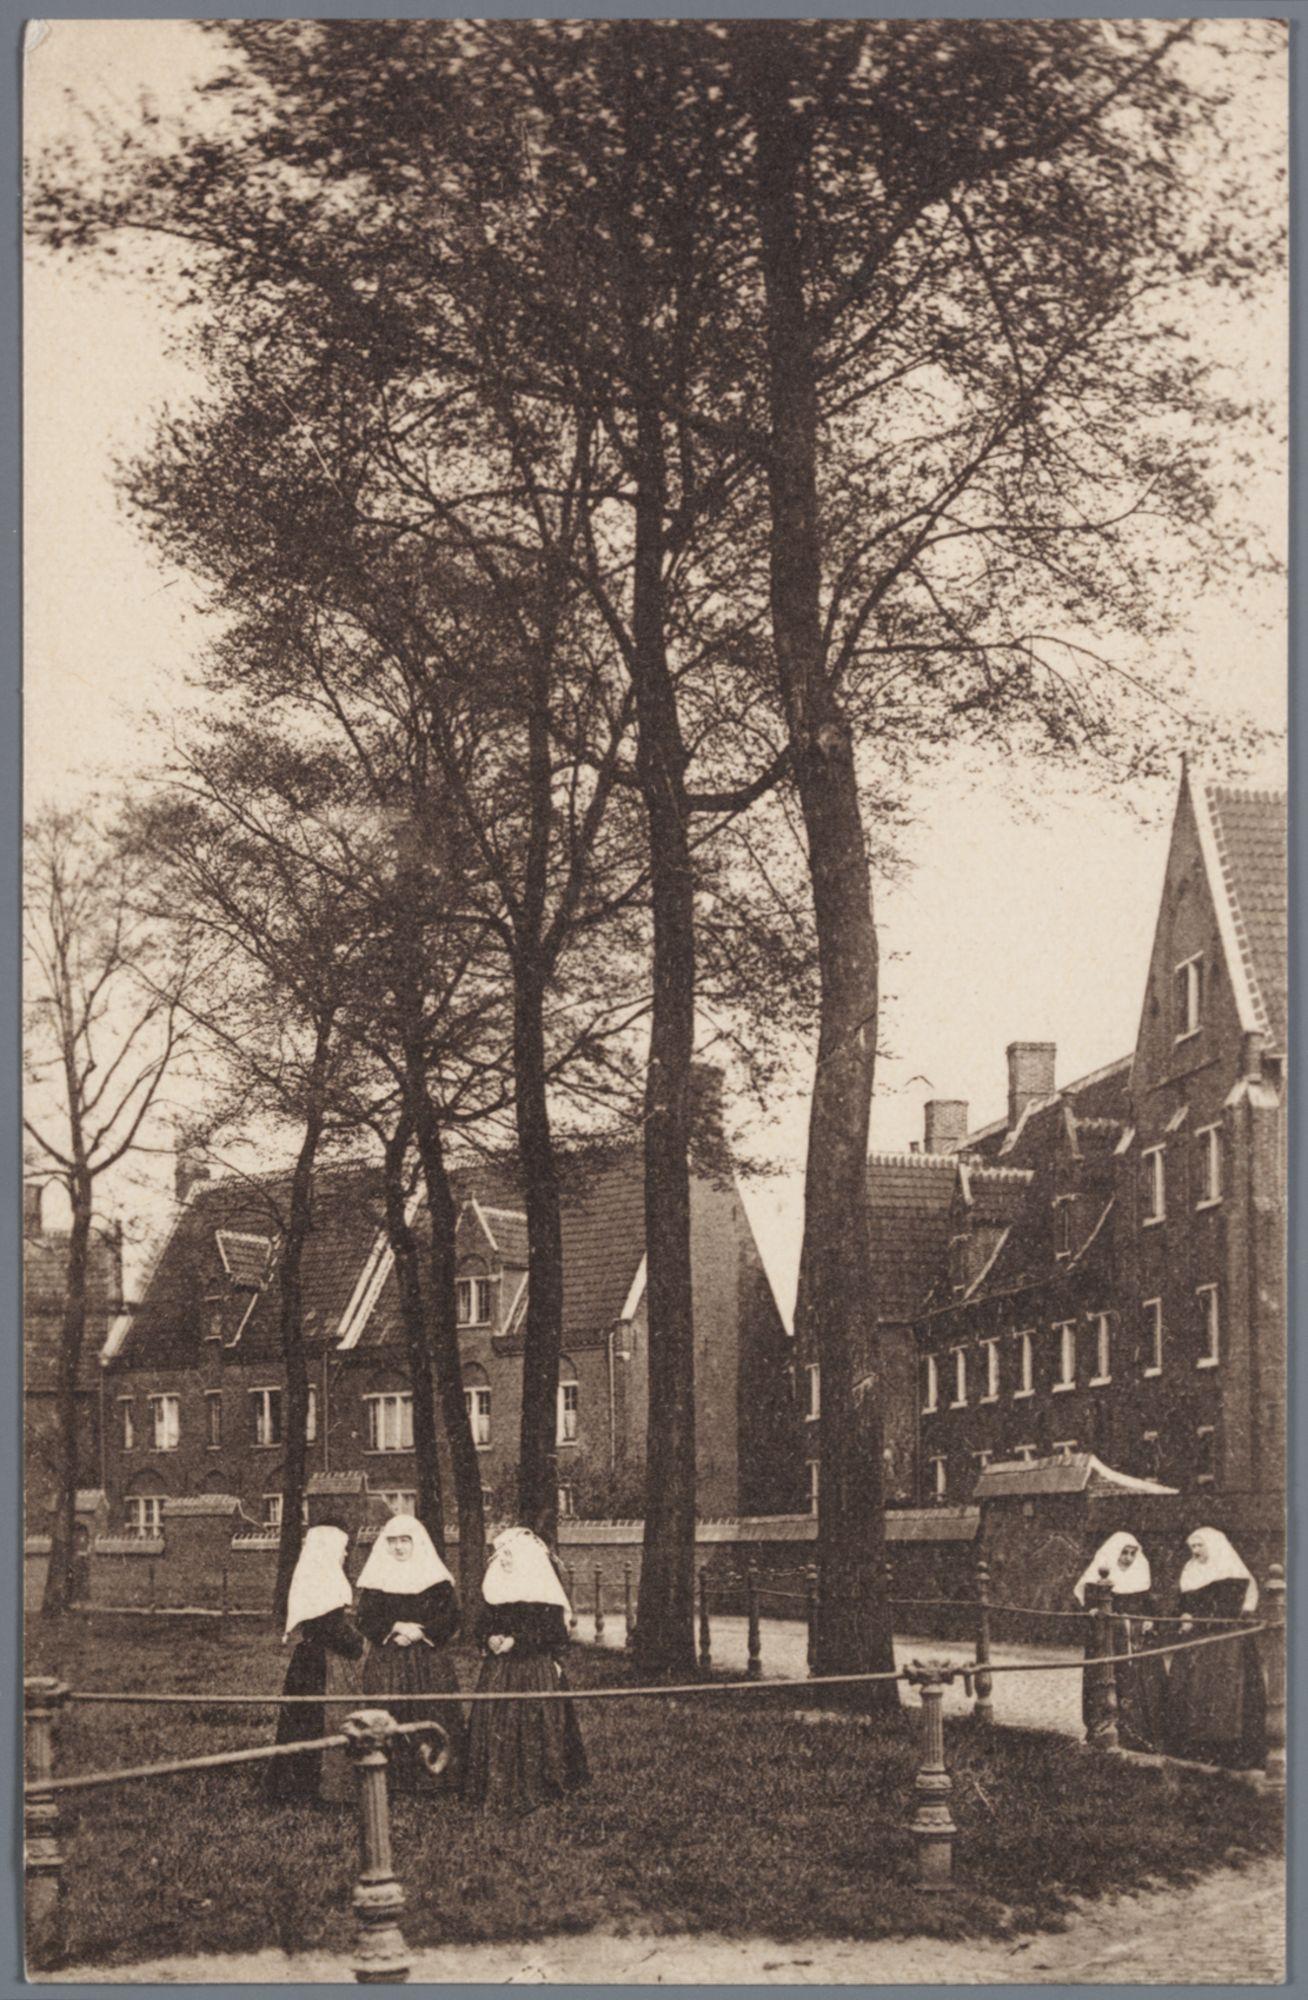 Sint-Amandsberg: Groot Begijnhof: zuidelijke zijde van het Sint-Beggaplein (binnenplein)